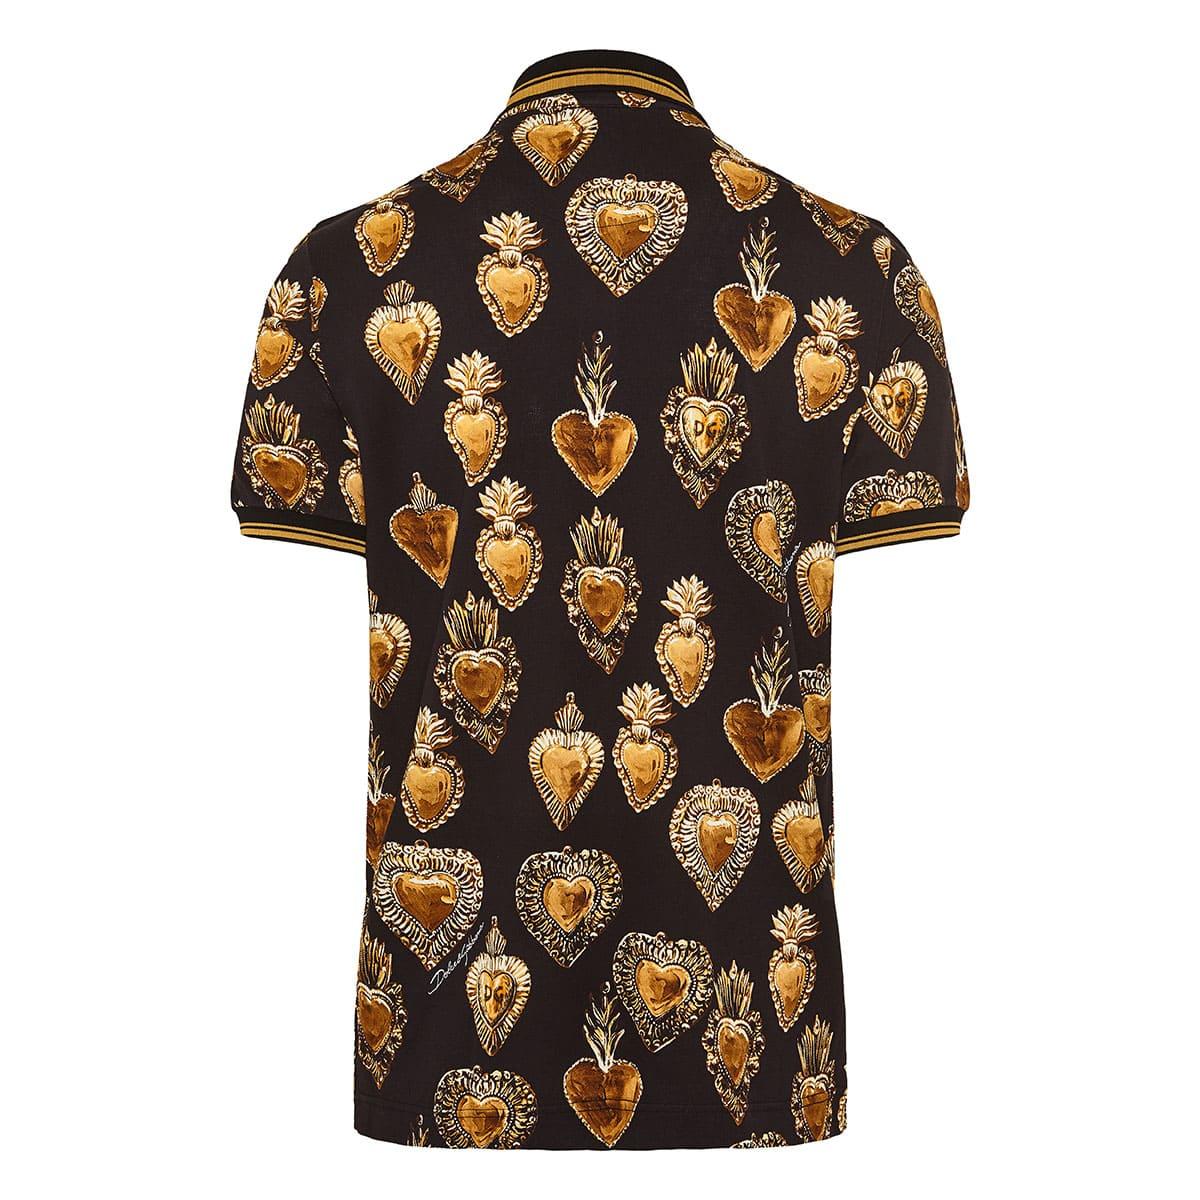 Sacred Heart printed polo shirt